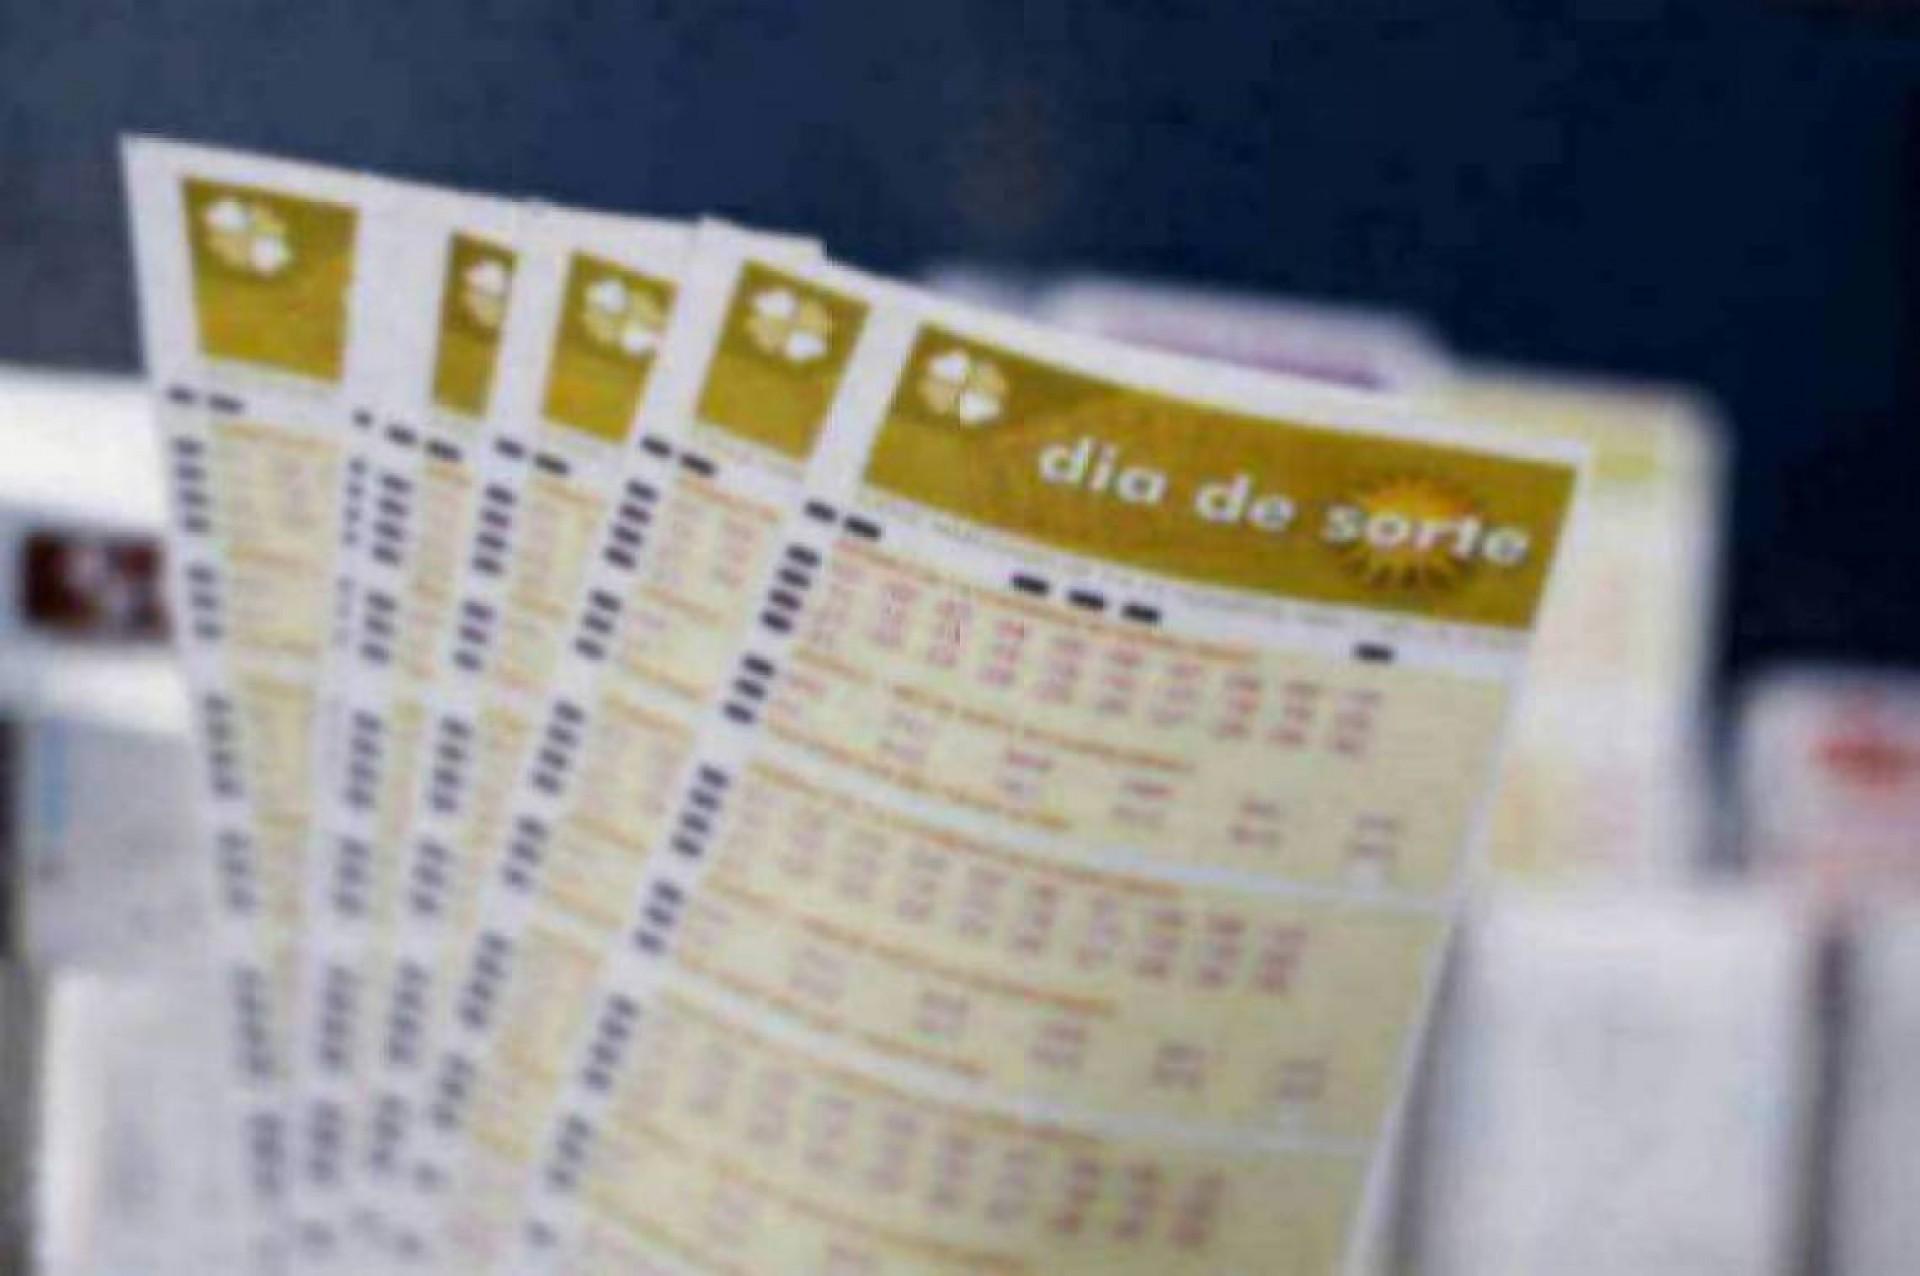 O resultado da Dia de Sorte Concurso 414 foi divulgado na noite de hoje, terça-feira, 2 de fevereiro (02/02). O prêmio da loteria está estimado em R$ 600 mil (Foto: Deísa Garcêz em 27.12.2019)